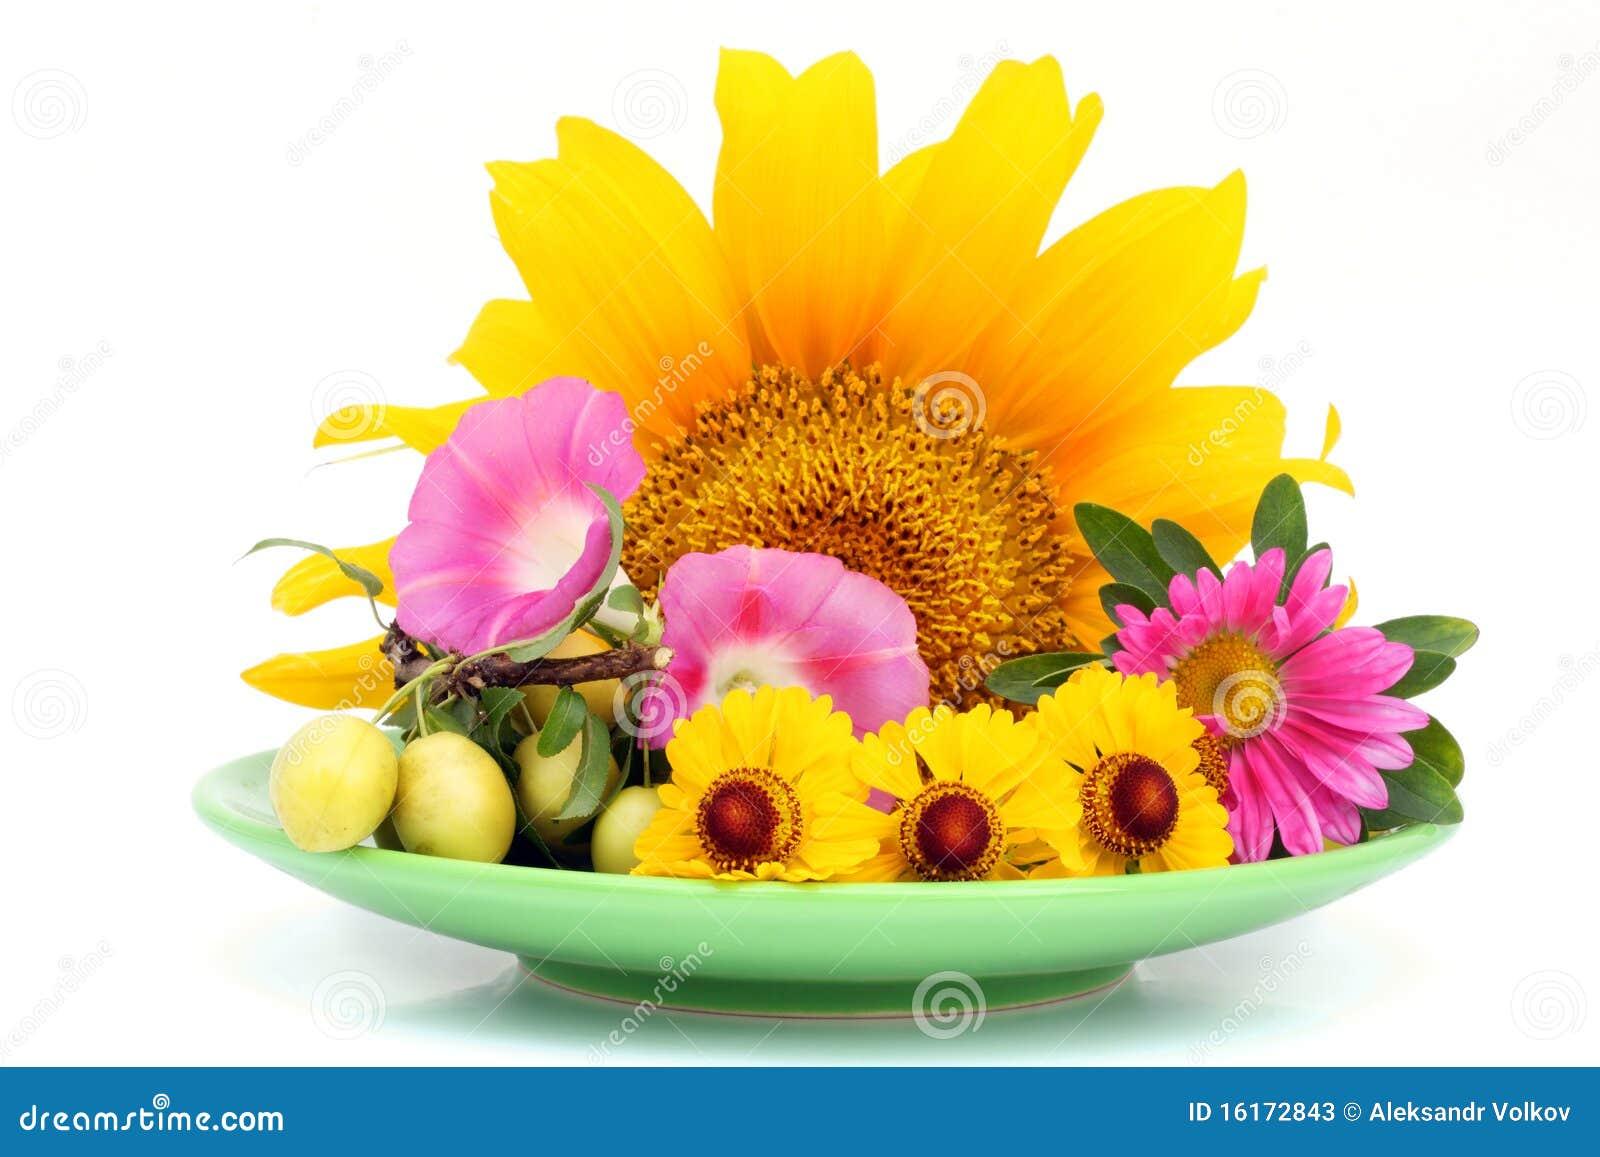 plaque verte avec des fleurs d'août photos stock - image: 16172843